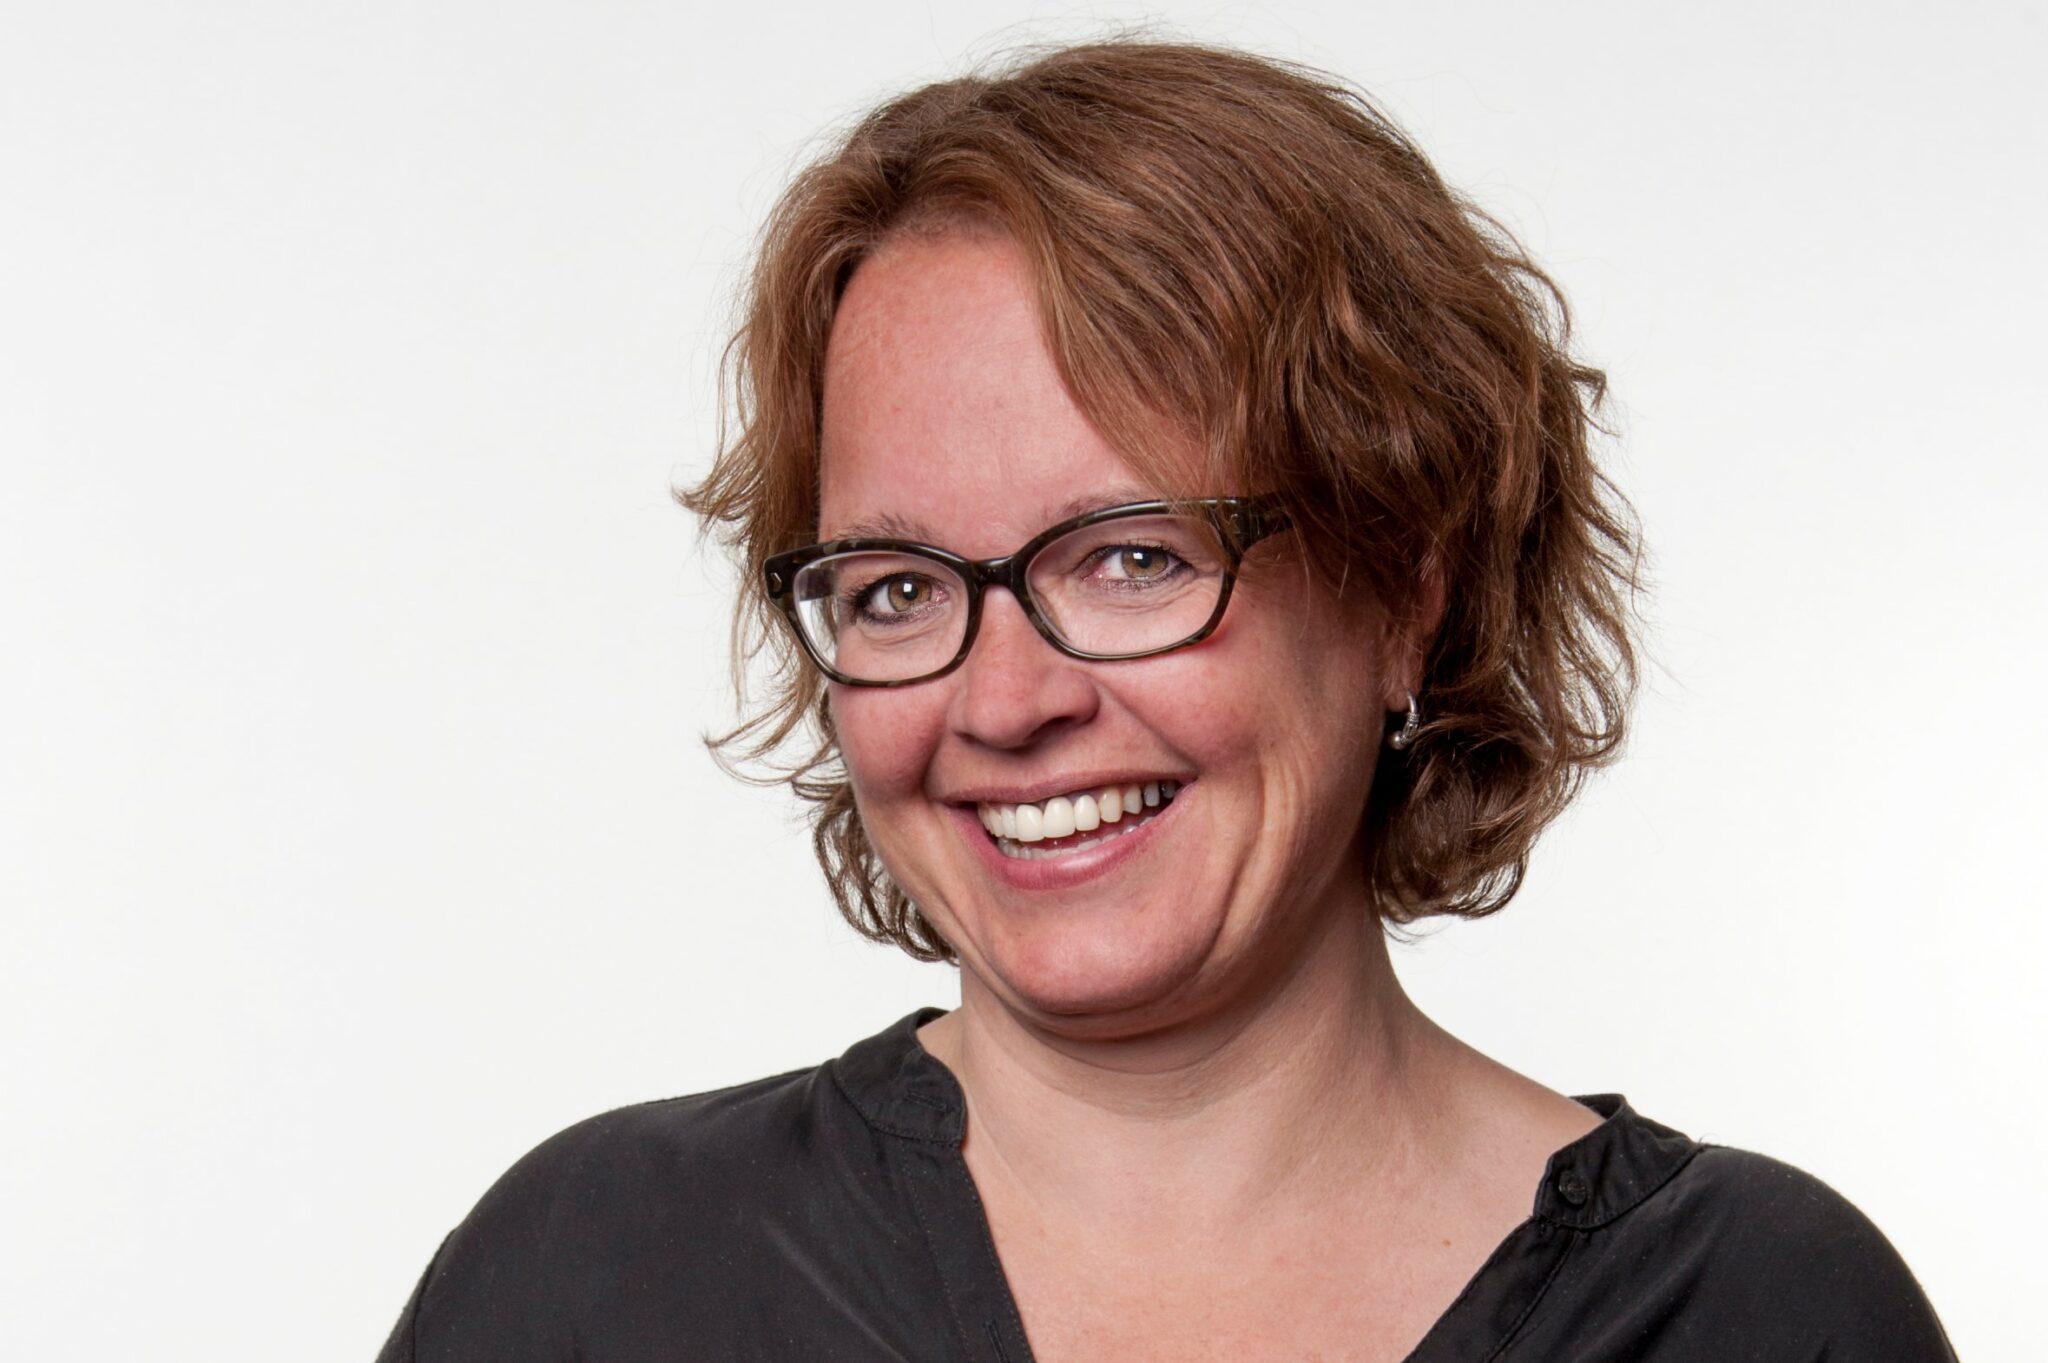 Thea van der Wallen eigen foto 2